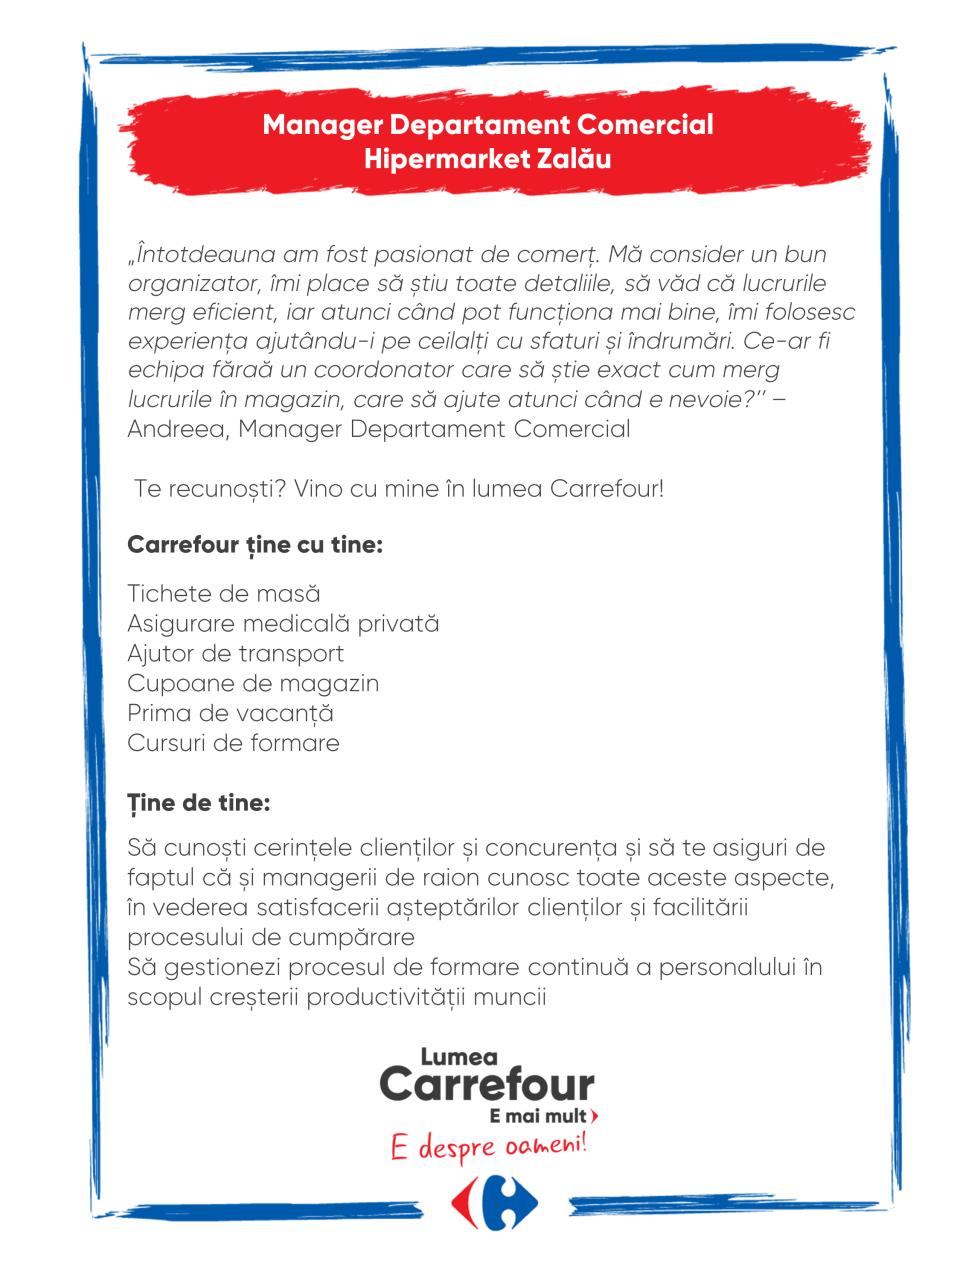 Carrefour ține cu tine:  Tichete de masă Asigurare medicală privată Ajutor de transport Cupoane de magazin Prima de vacanță Cursuri de formare  Ține de tine:  Să cunoști cerințele clienților și concurența și să te asiguri de faptul că și managerii de raion cunosc toate aceste aspecte, în vederea satisfacerii așteptărilor clienților și facilitării procesului de cumpărare Să gestionezi procesul de formare continuă a personalului în scopul creșterii productivității muncii Carrefour ține cu tine:  Tichete de masă Asigurare medicală privată Ajutor de transport Cupoane de magazin Prima de vacanță Cursuri de formare  Ține de tine:  Să cunoști cerințele clienților și concurența și să te asiguri de faptul că și managerii de raion cunosc toate aceste aspecte, în vederea satisfacerii așteptărilor clienților și facilitării procesului de cumpărare Să gestionezi procesul de formare continuă a personalului în scopul creșterii productivității muncii  manager raion sef director coordonator comercial vanzari promovare campanii vanzare Lumea Carrefour e mai mult. E despre oameni!Lumea noastră? E despre prietenia fără vârstă și bucuria de a fi buni în ceea ce facem. Despre diversitatea meseriilor, dar mai ales despre diversitatea membrilor unei mari familii. Despre emoția primului job și satisfacția pe care o avem când suntem de ajutor.Fiecare dintre noi avem trăsături care ne fac să fim unici și valoroși. Suntem diferiți și în același timp suntem la fel ca toți românii: vrem să fim liberi, să alegem, să ne exprimăm punctul de vedere, să ne simțim bine.